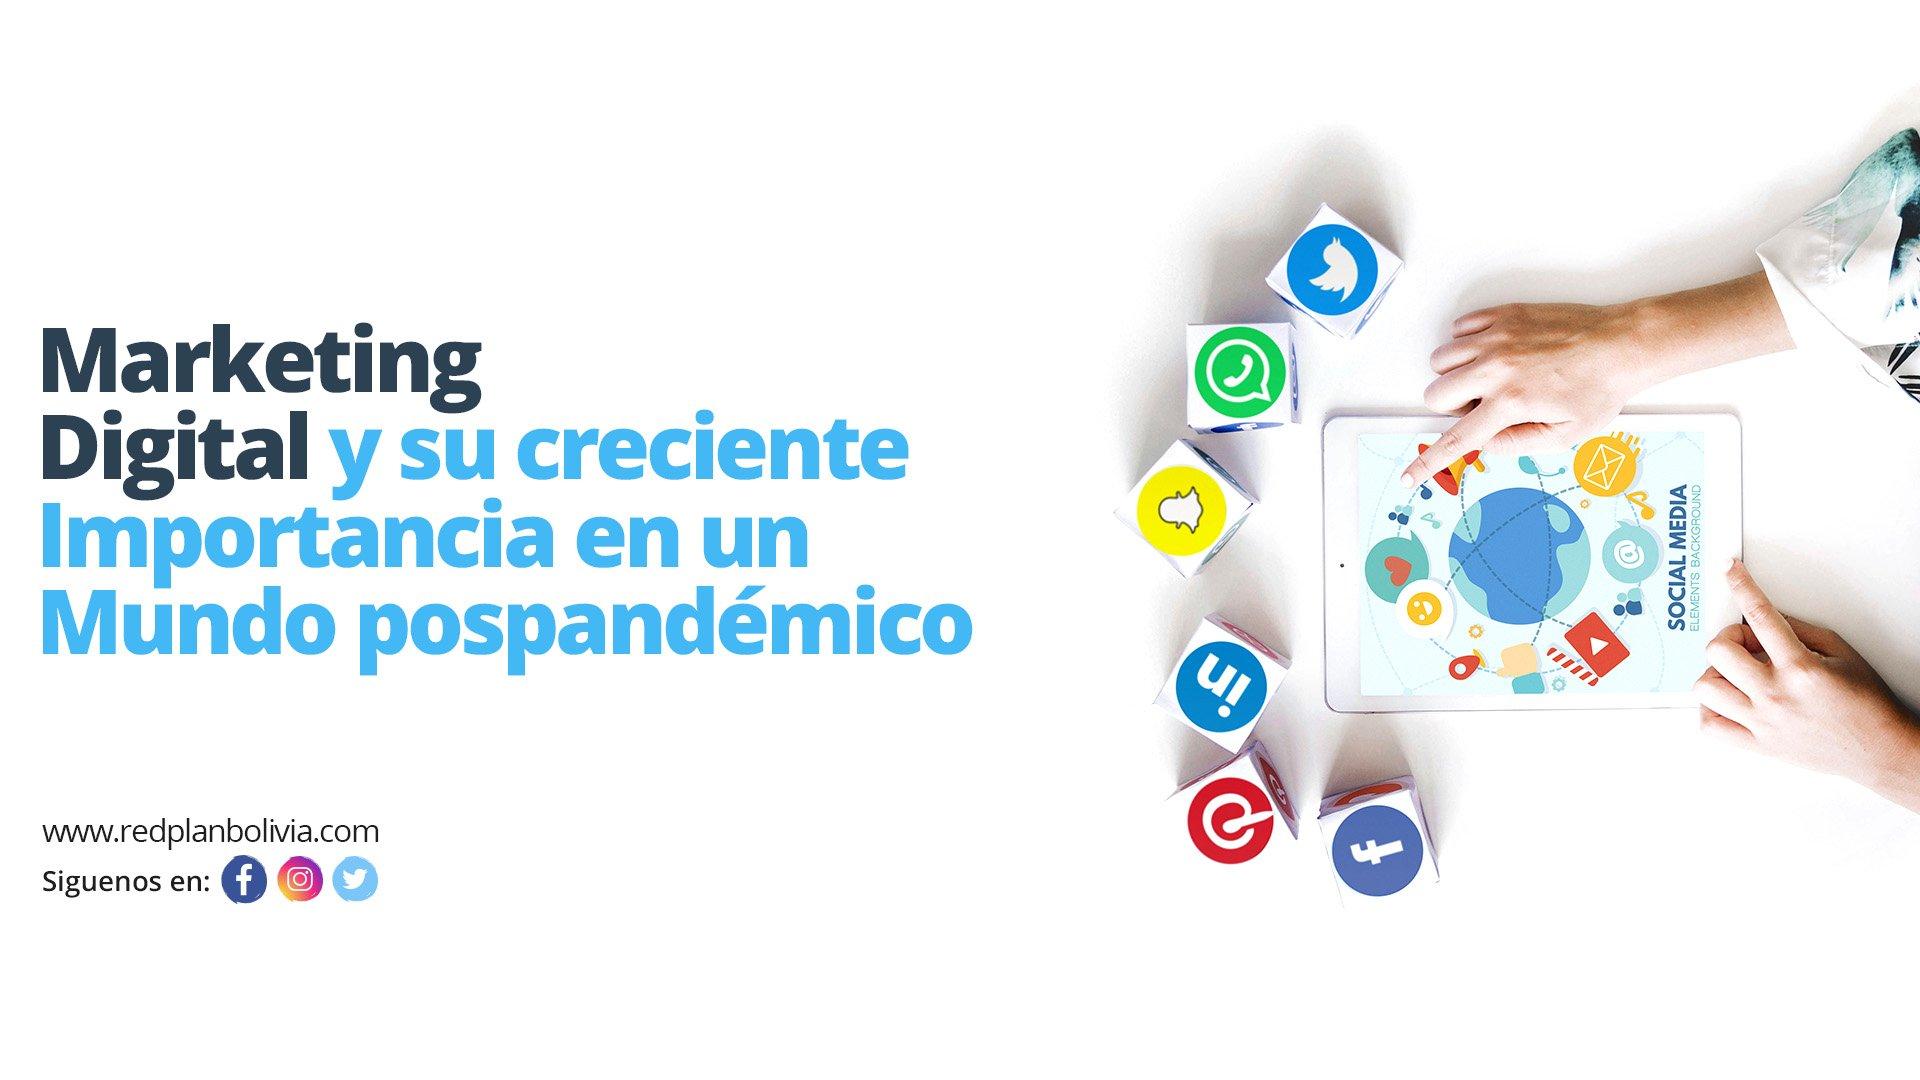 Marketing digital y su creciente importancia en un mundo pospandémico